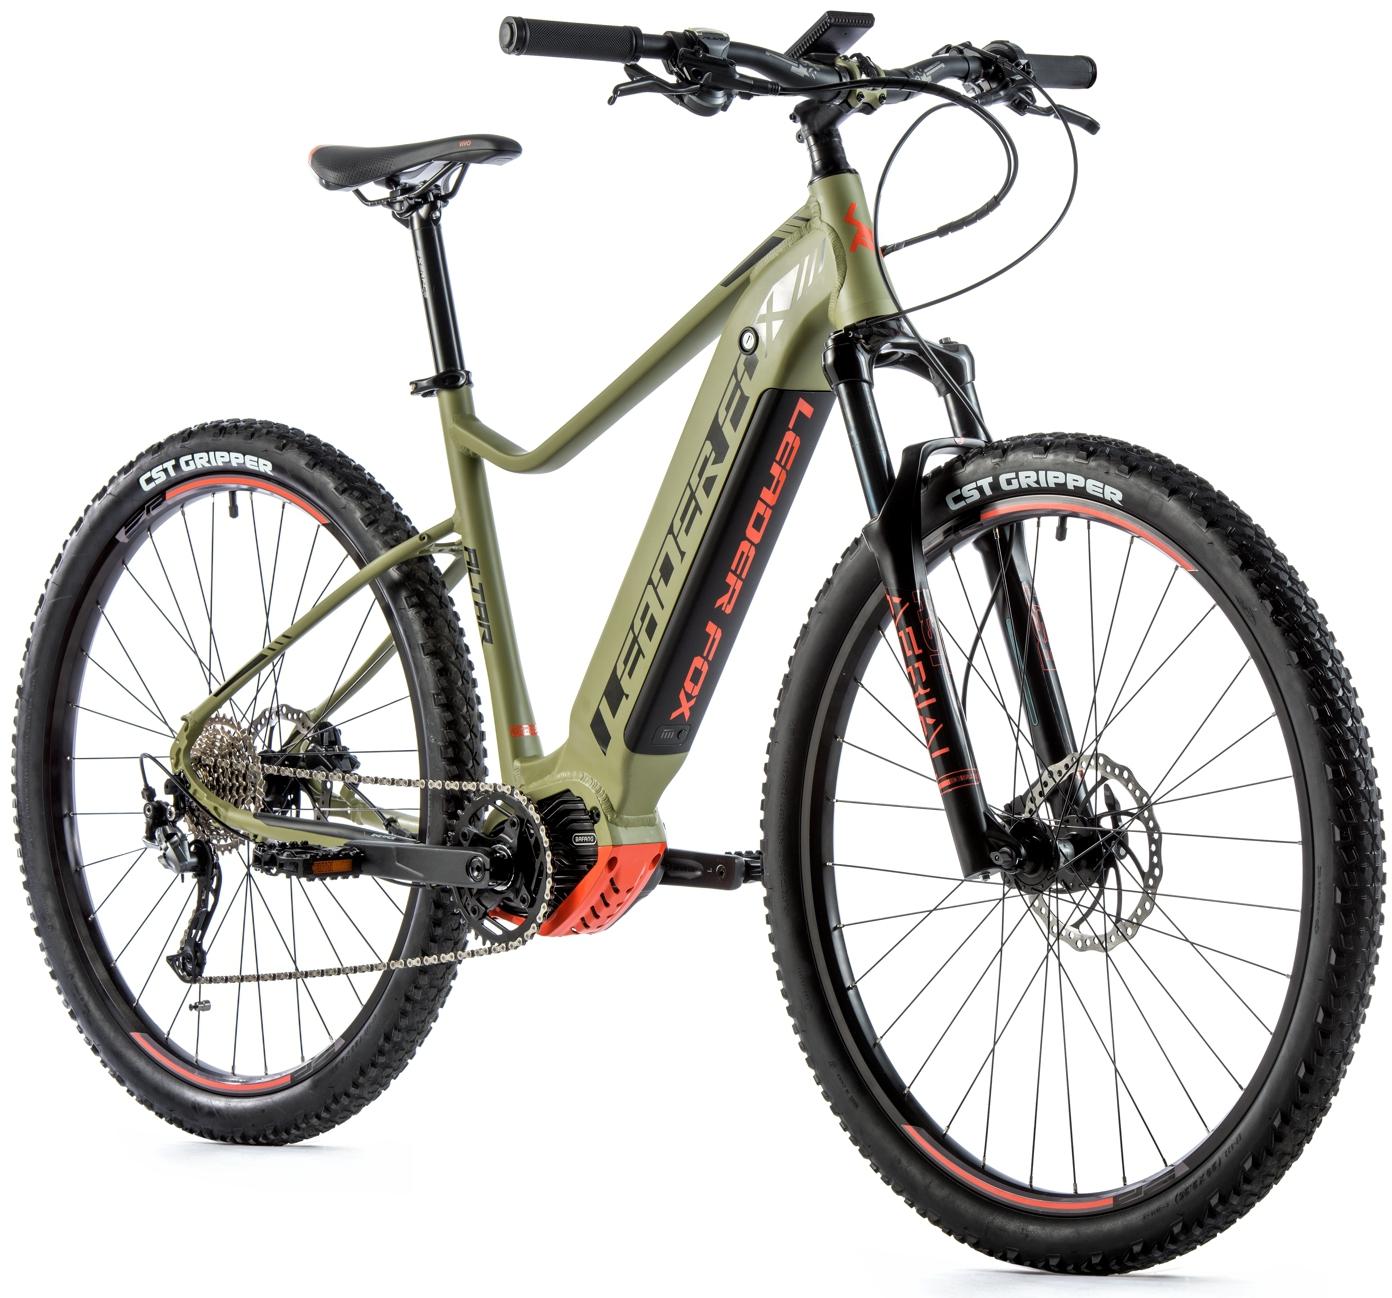 Bicicleta electrica MTB Leader Fox Altar 29 inch, 2020